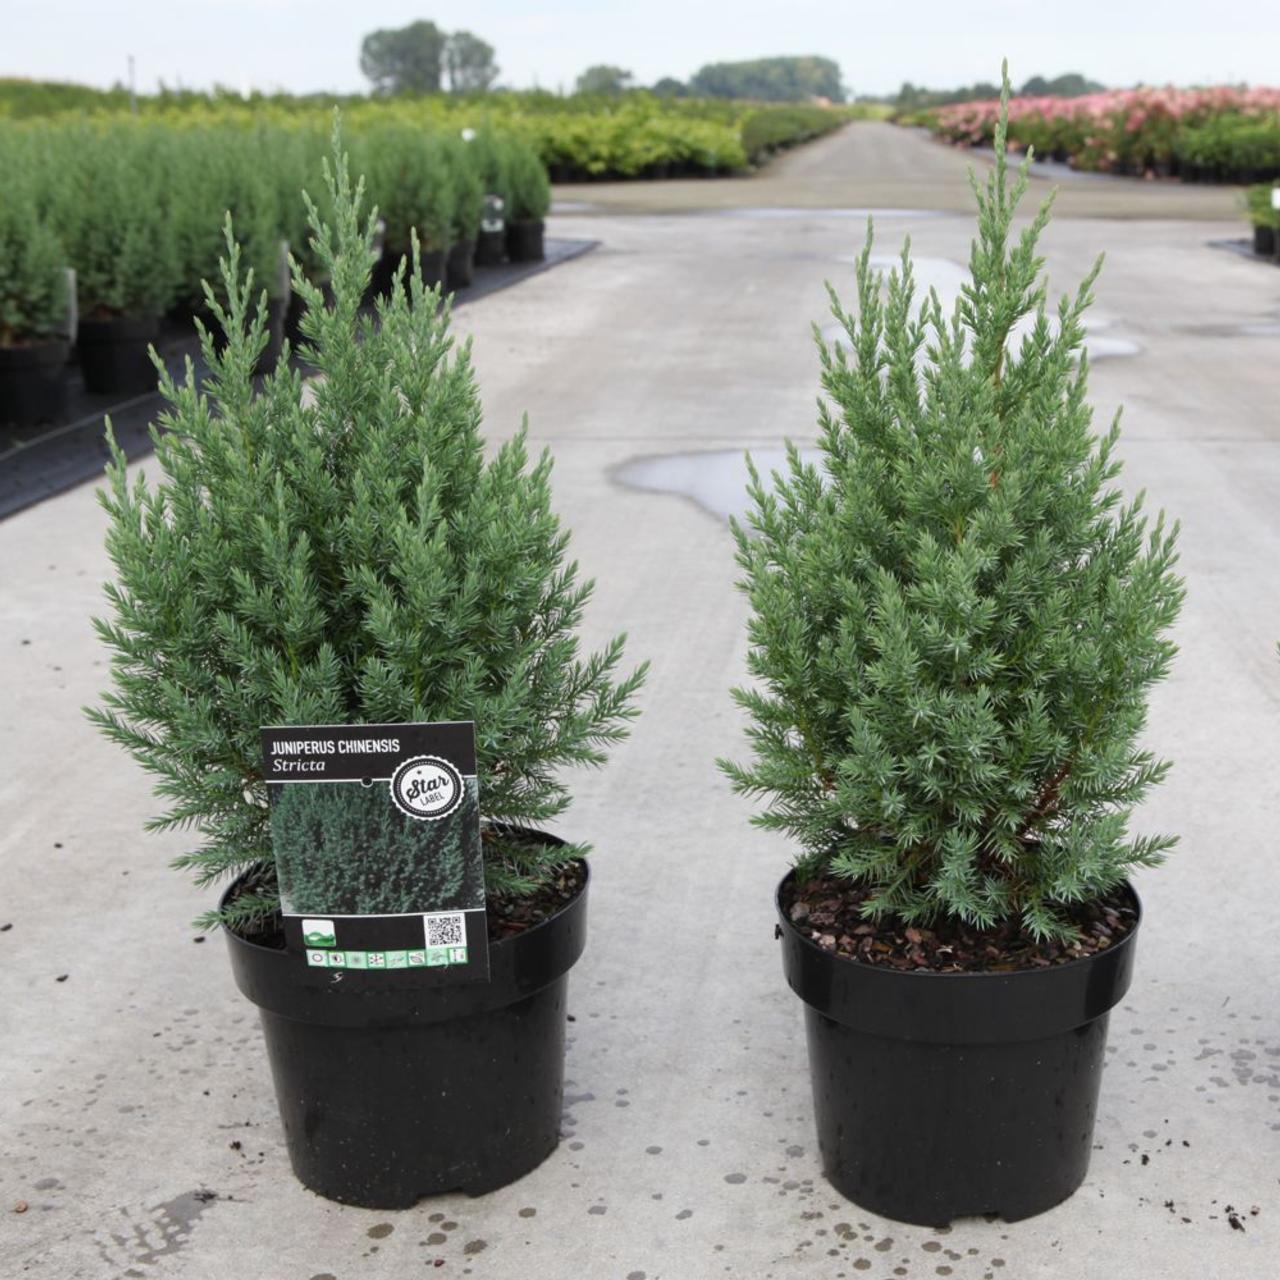 Juniperus chinensis 'Stricta' plant